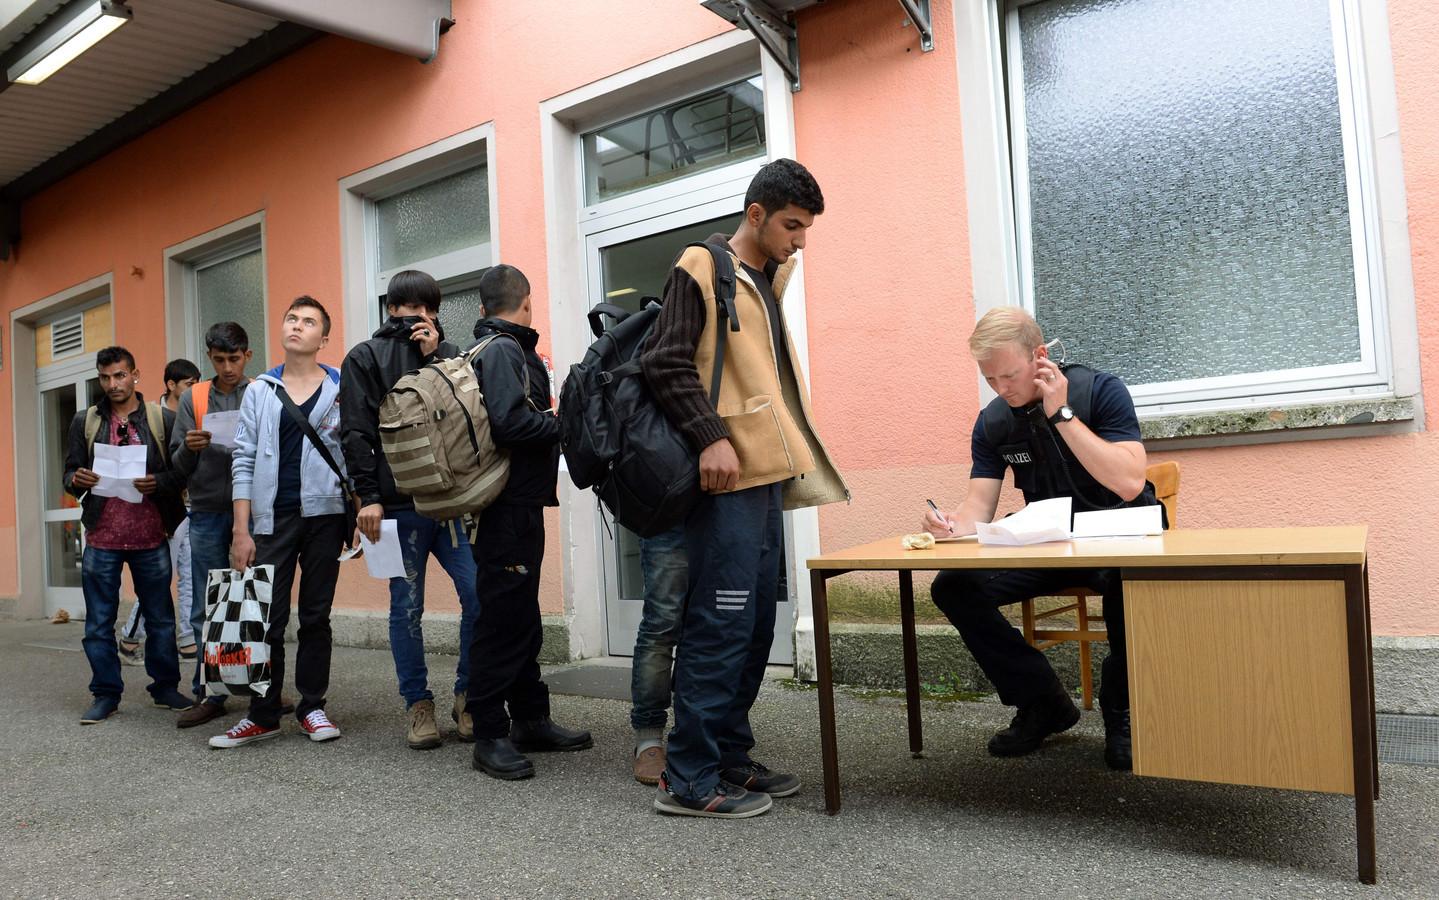 Asielzoekers worden geregistreerd op het station van Freilassing, in het zuiden van Duitsland.